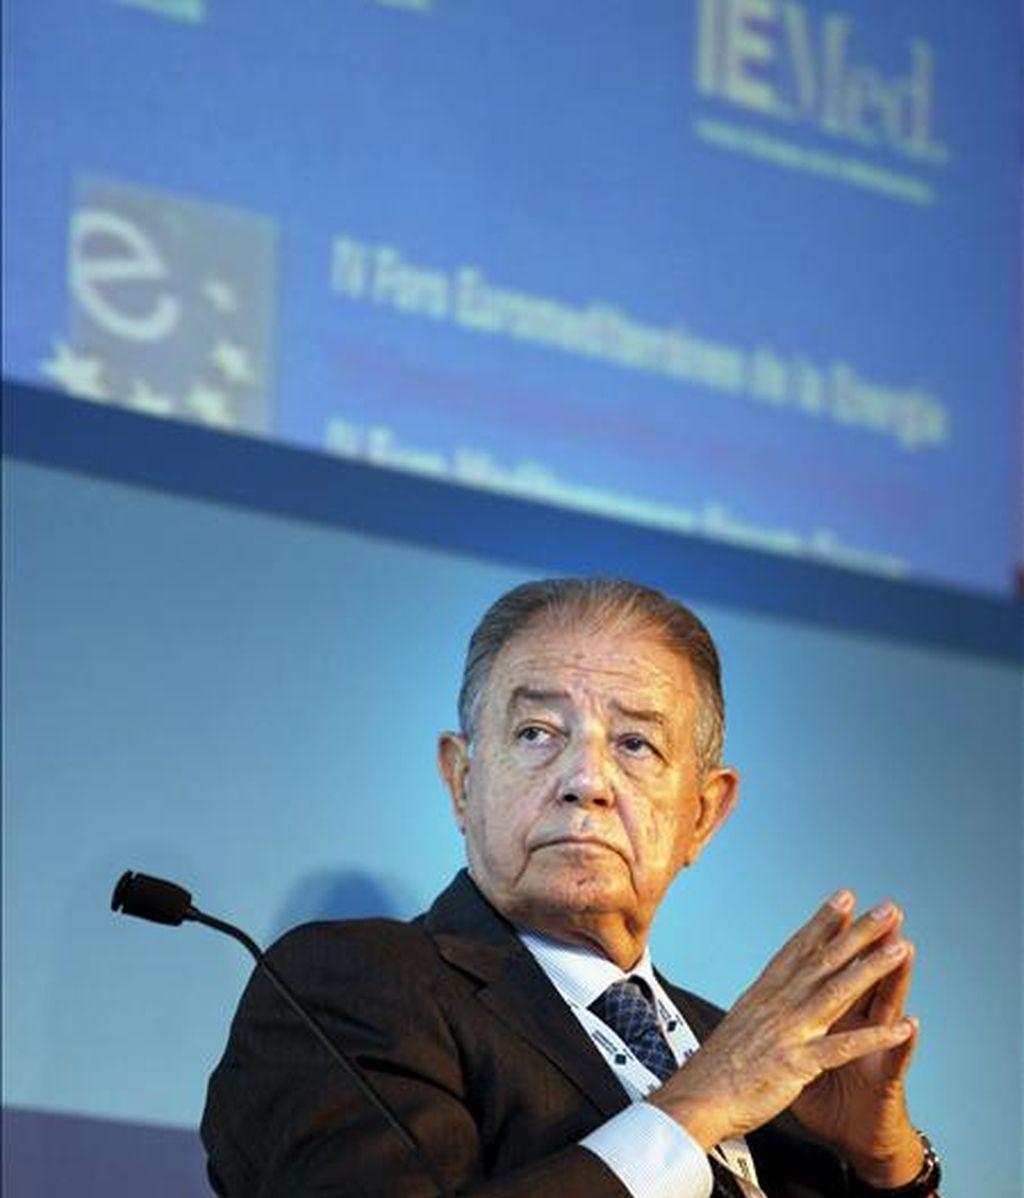 El presidente de Gas Natural y de Unión Fenosa, Salvador Gabarró. EFE/Archivo